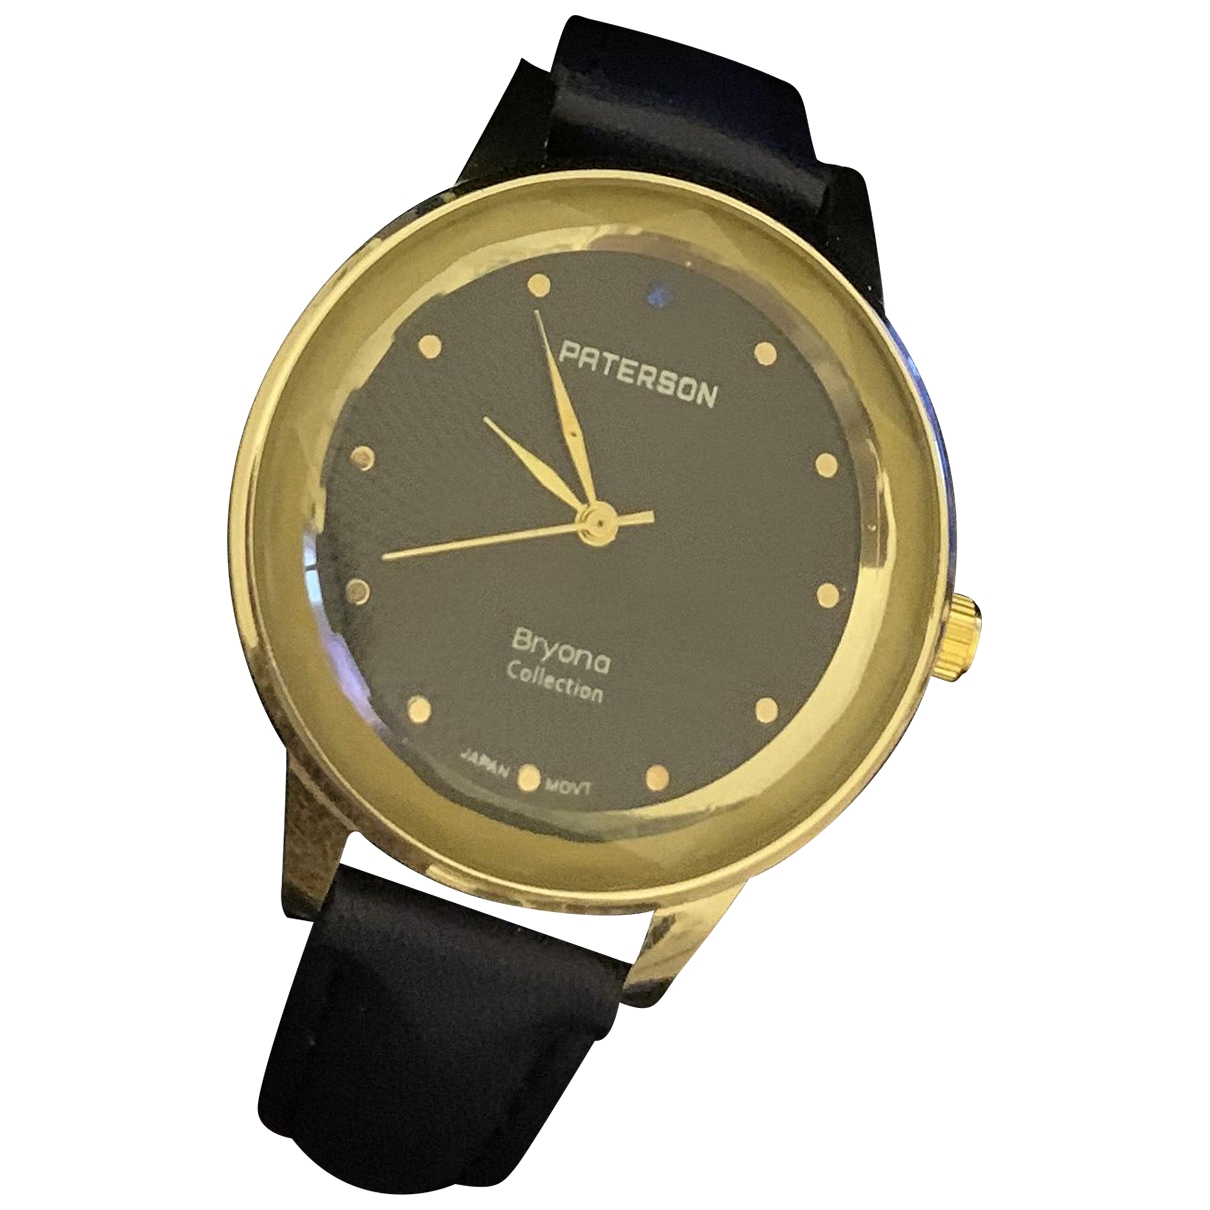 Reloj Paterson